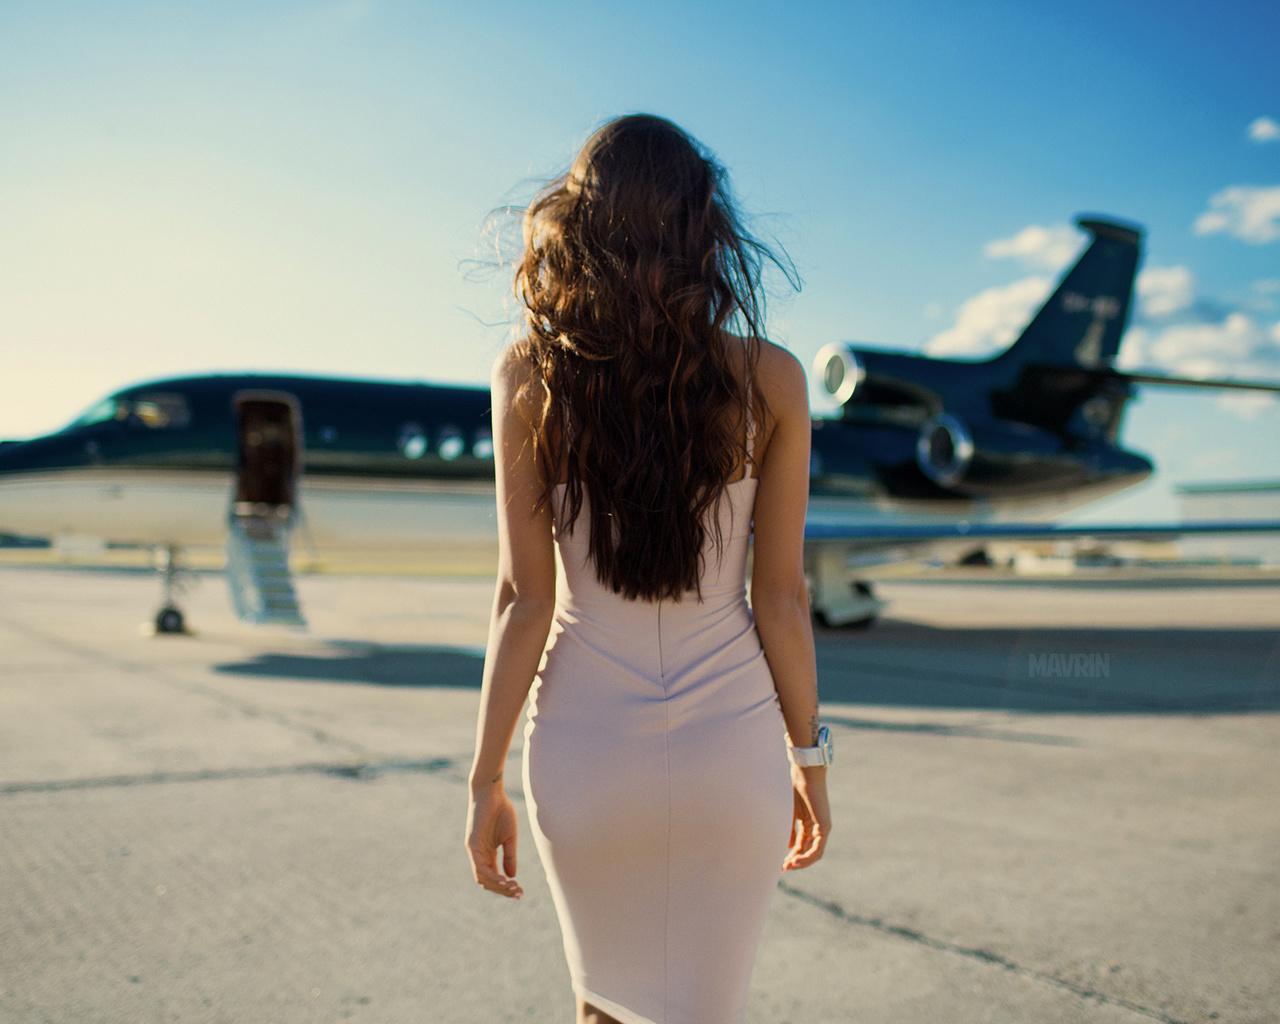 Фото самой красивой девушки сзади 7 фотография